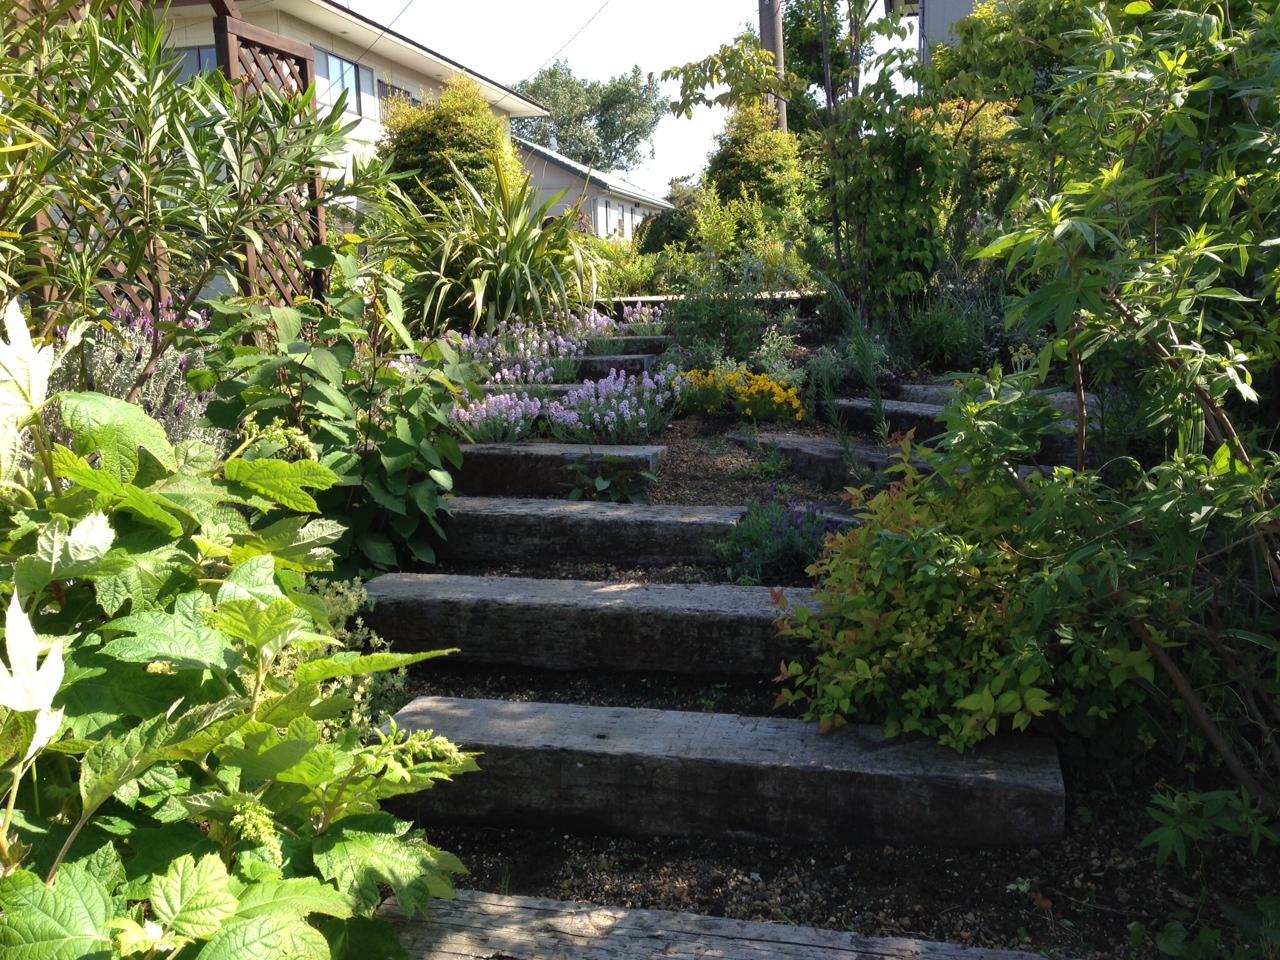 植栽と枕木園路。庭は日々変化しますね